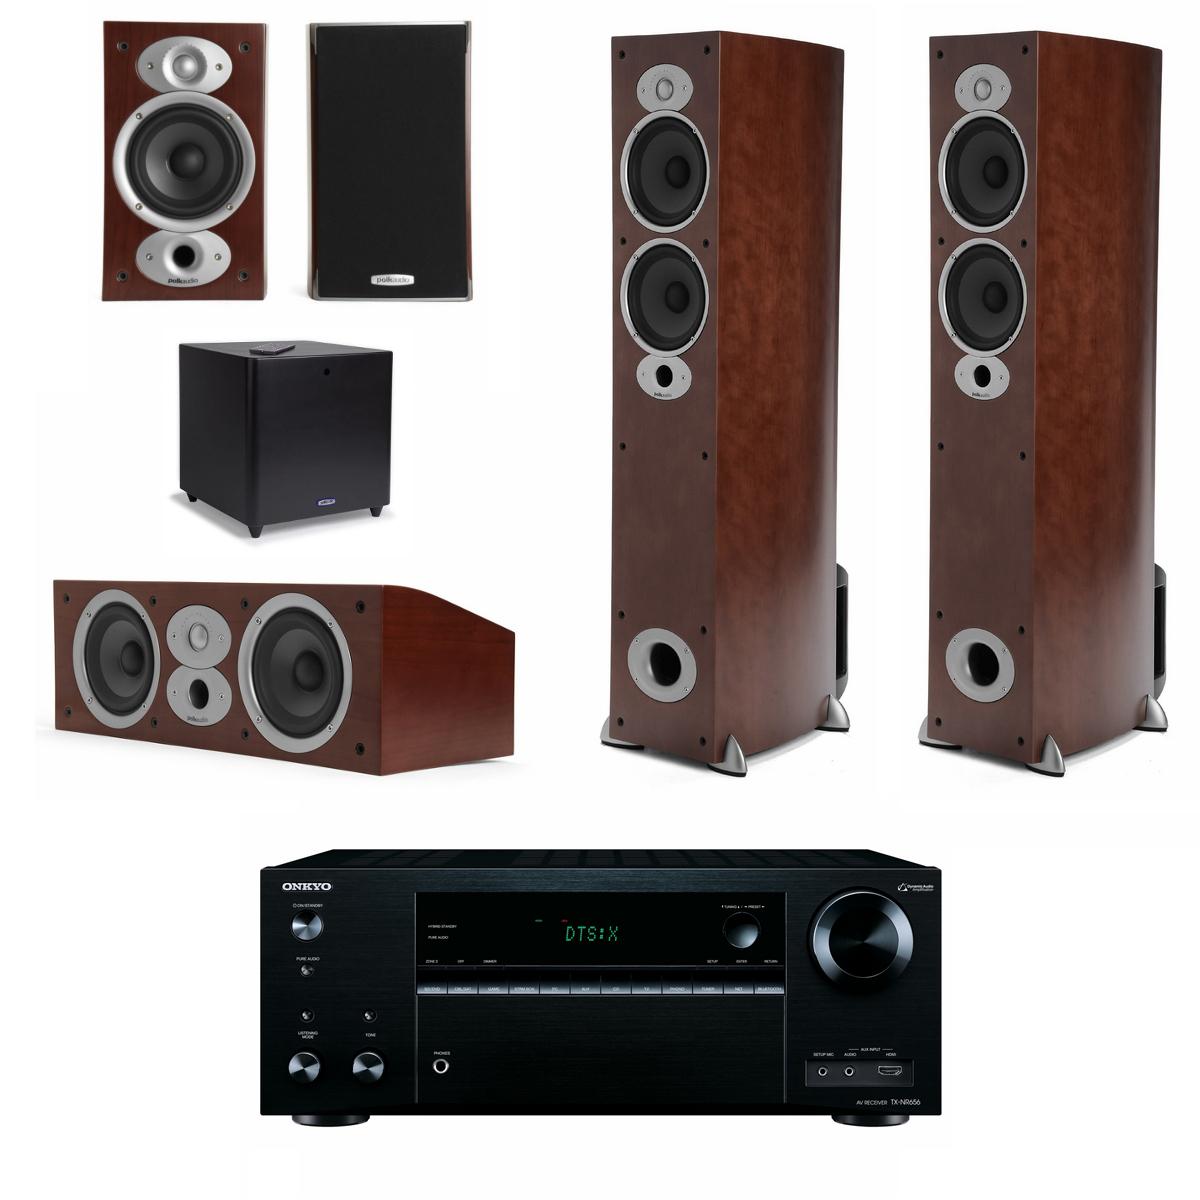 onkyo 5 1 home theater system. polk audio tsx 330hcsub (330 hc sub) 5.1 system + onkyo tx-nr656 5 1 home theater t